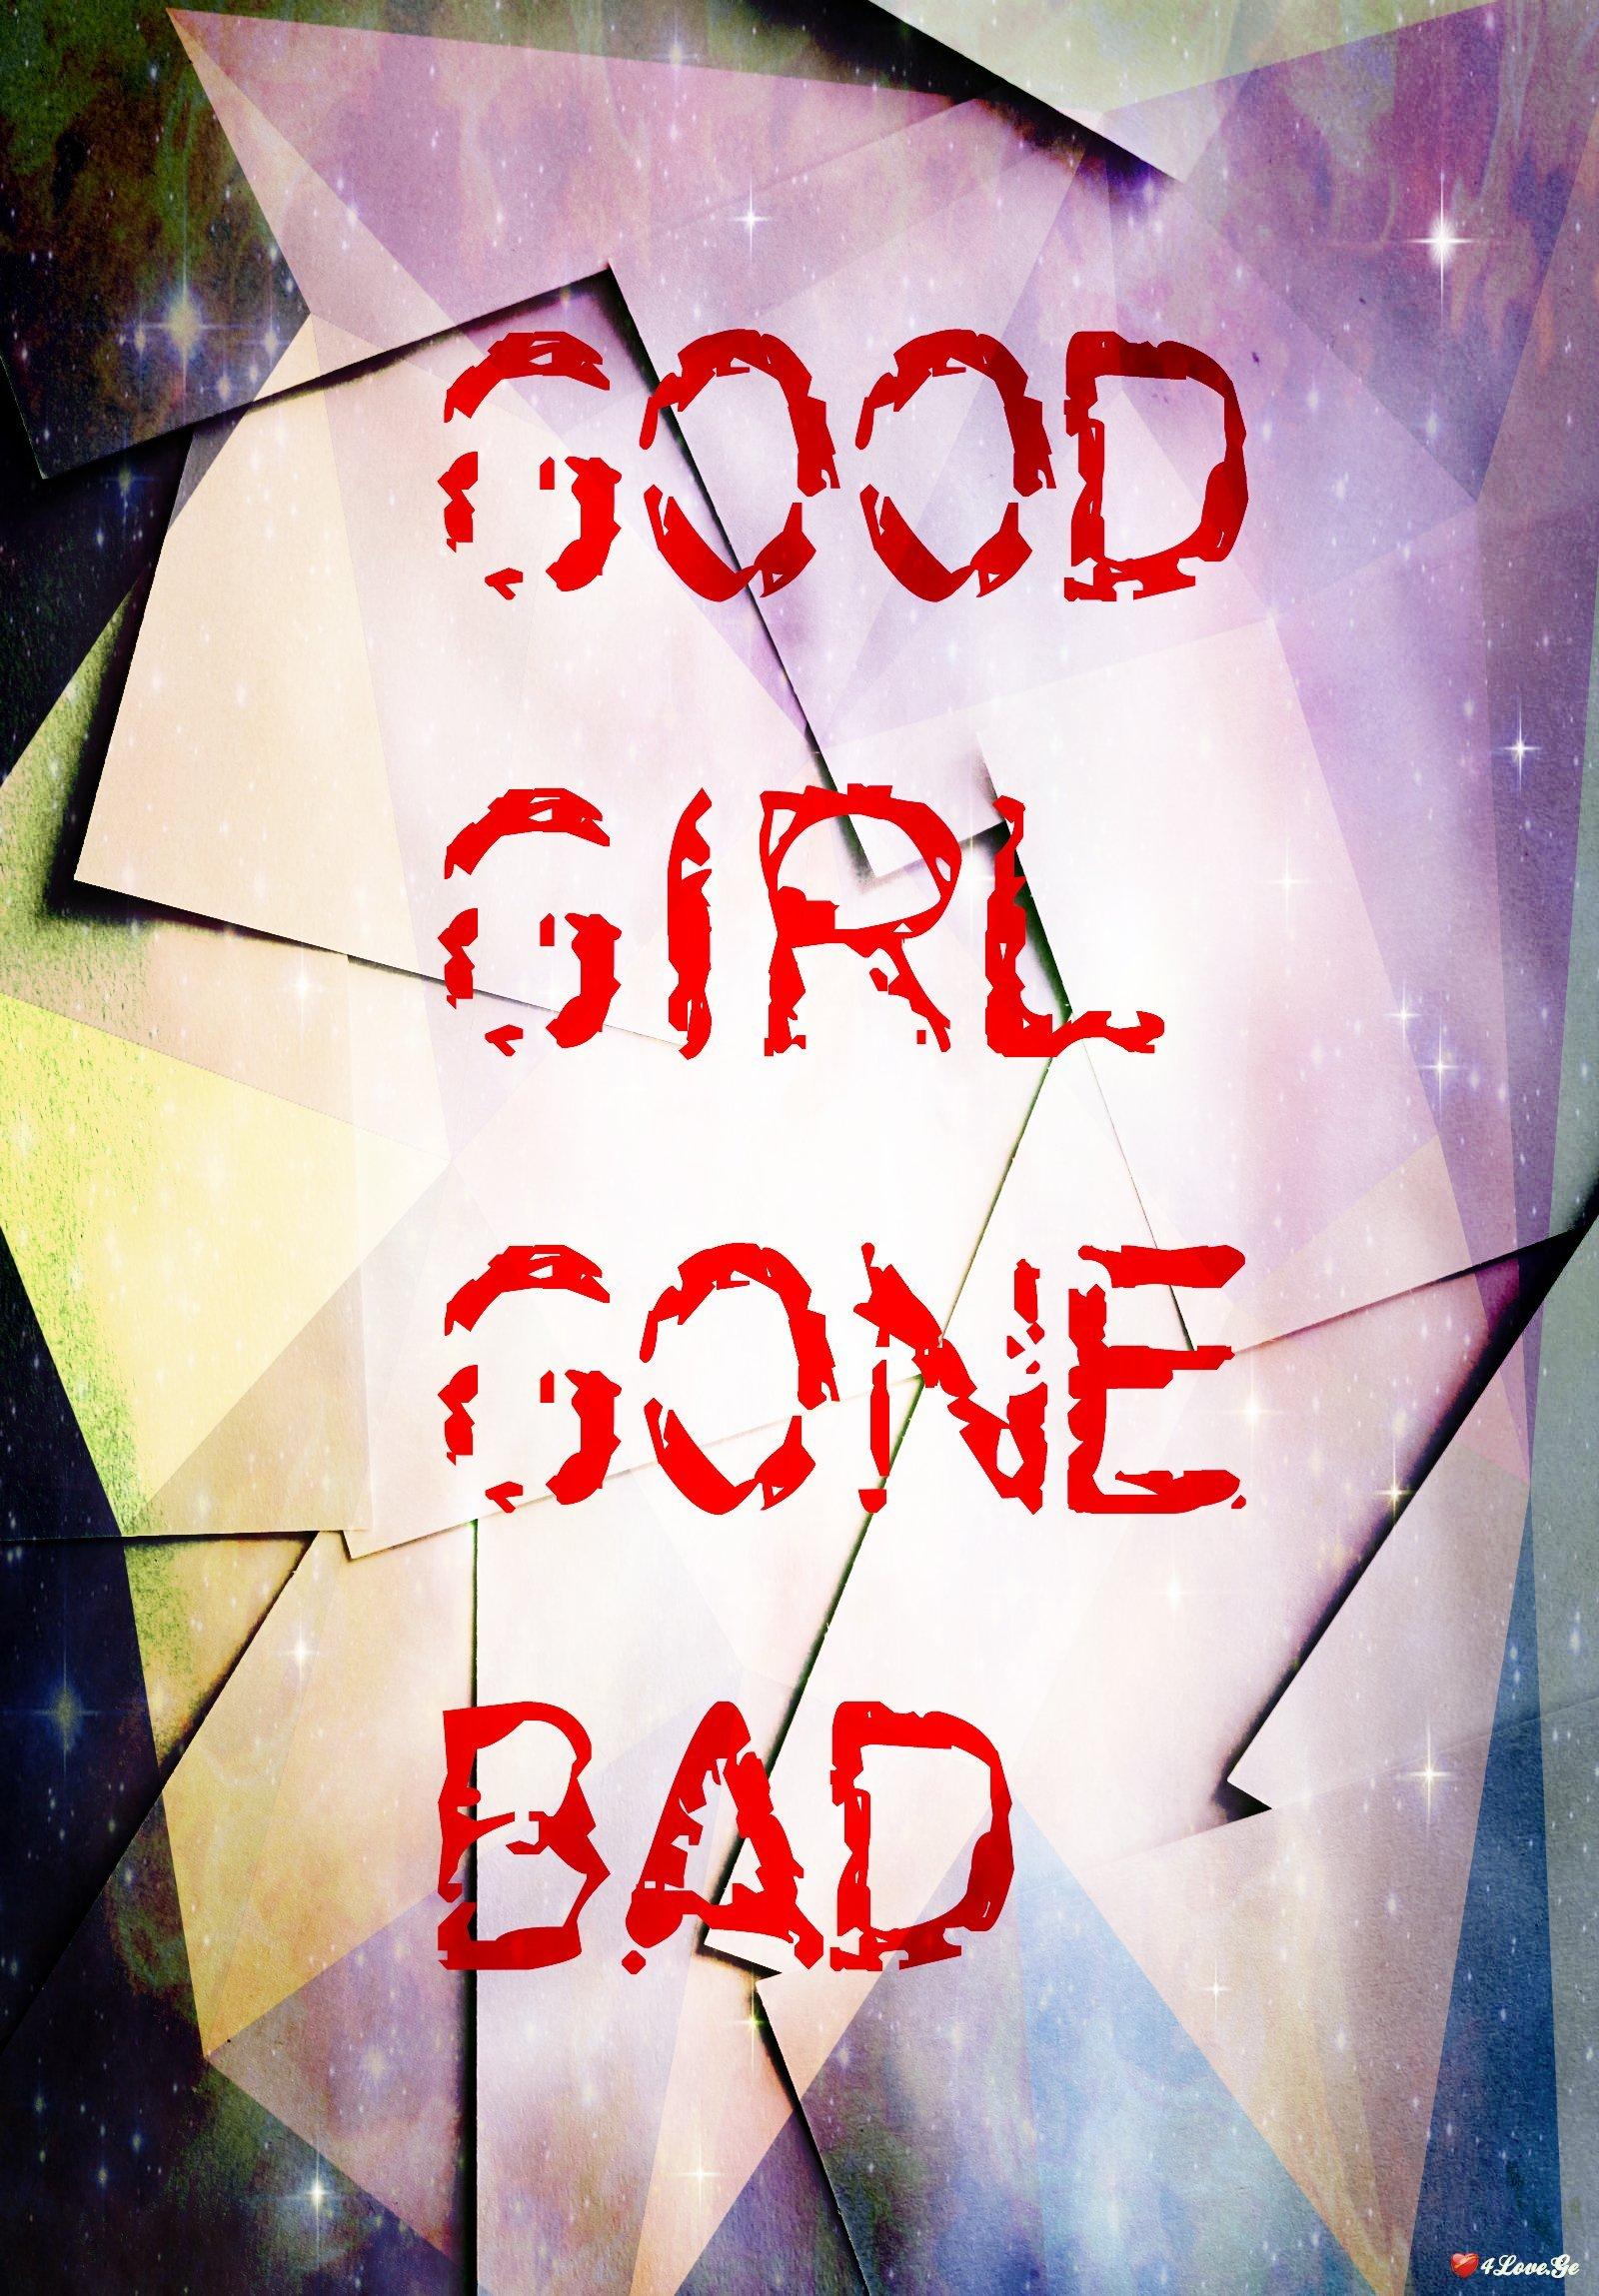 კარგი გოგო/ცუდი გოგო +18 (5თავი)